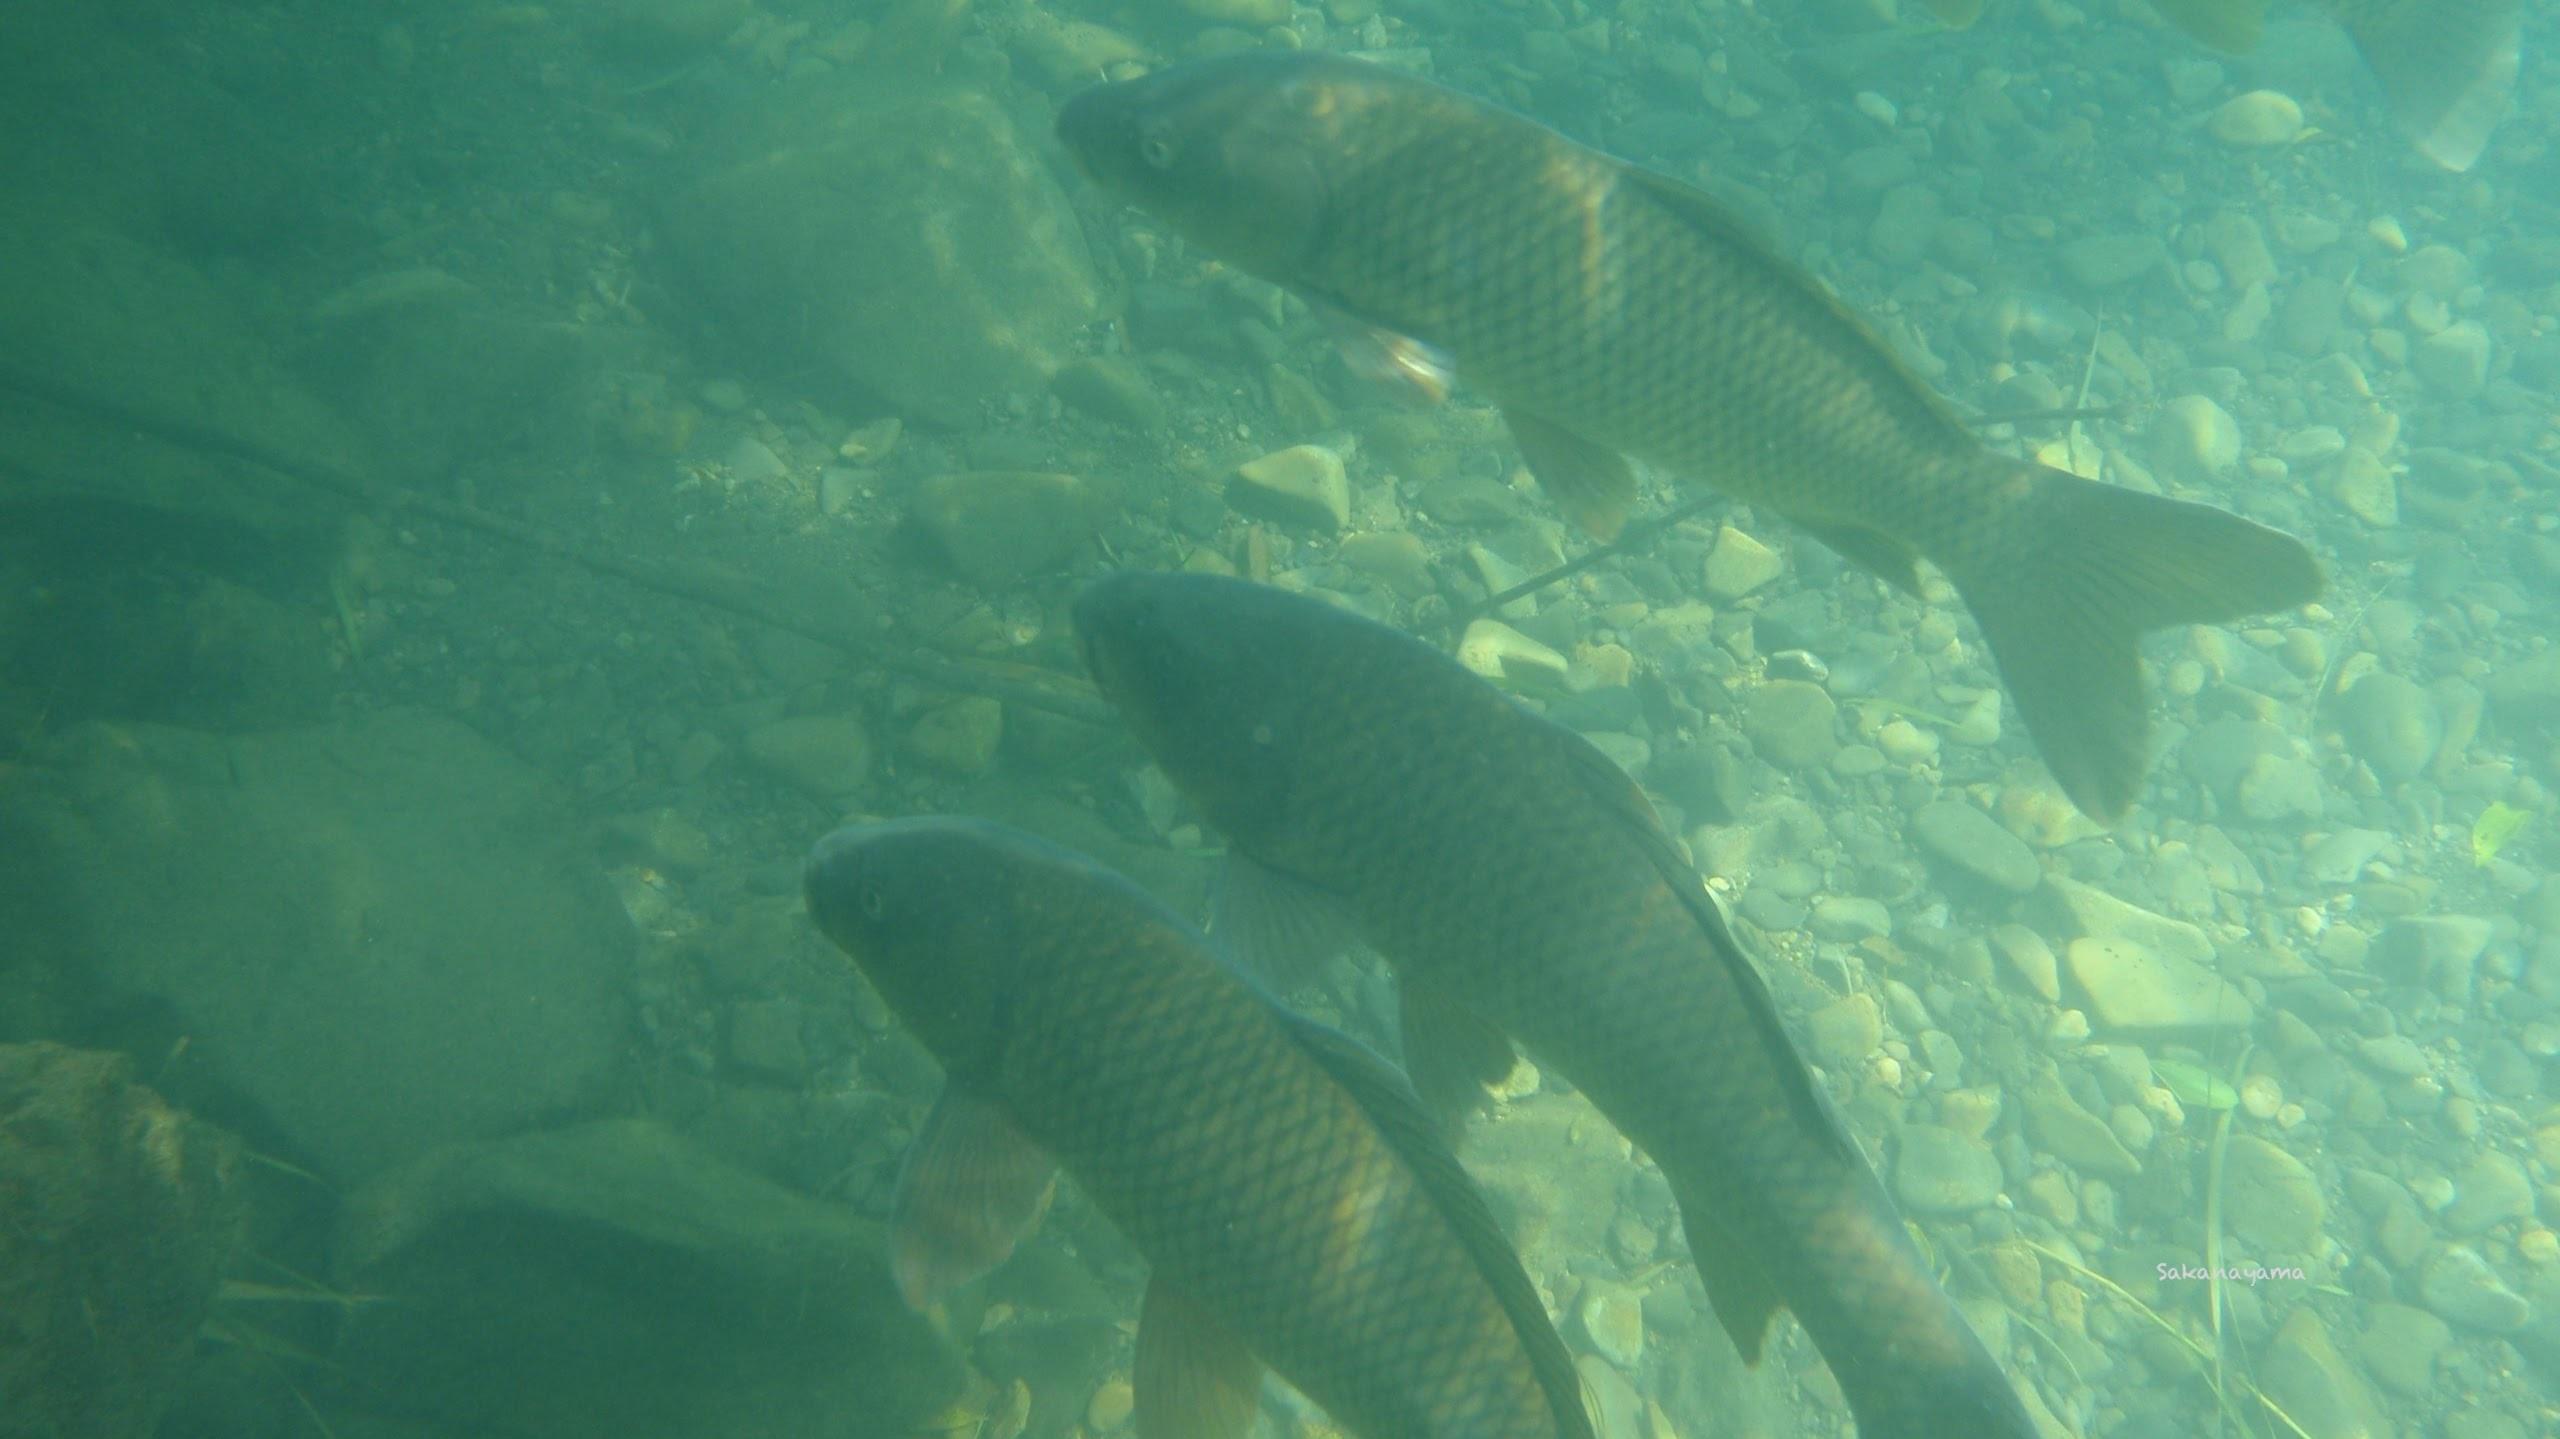 水底に群れるコイ